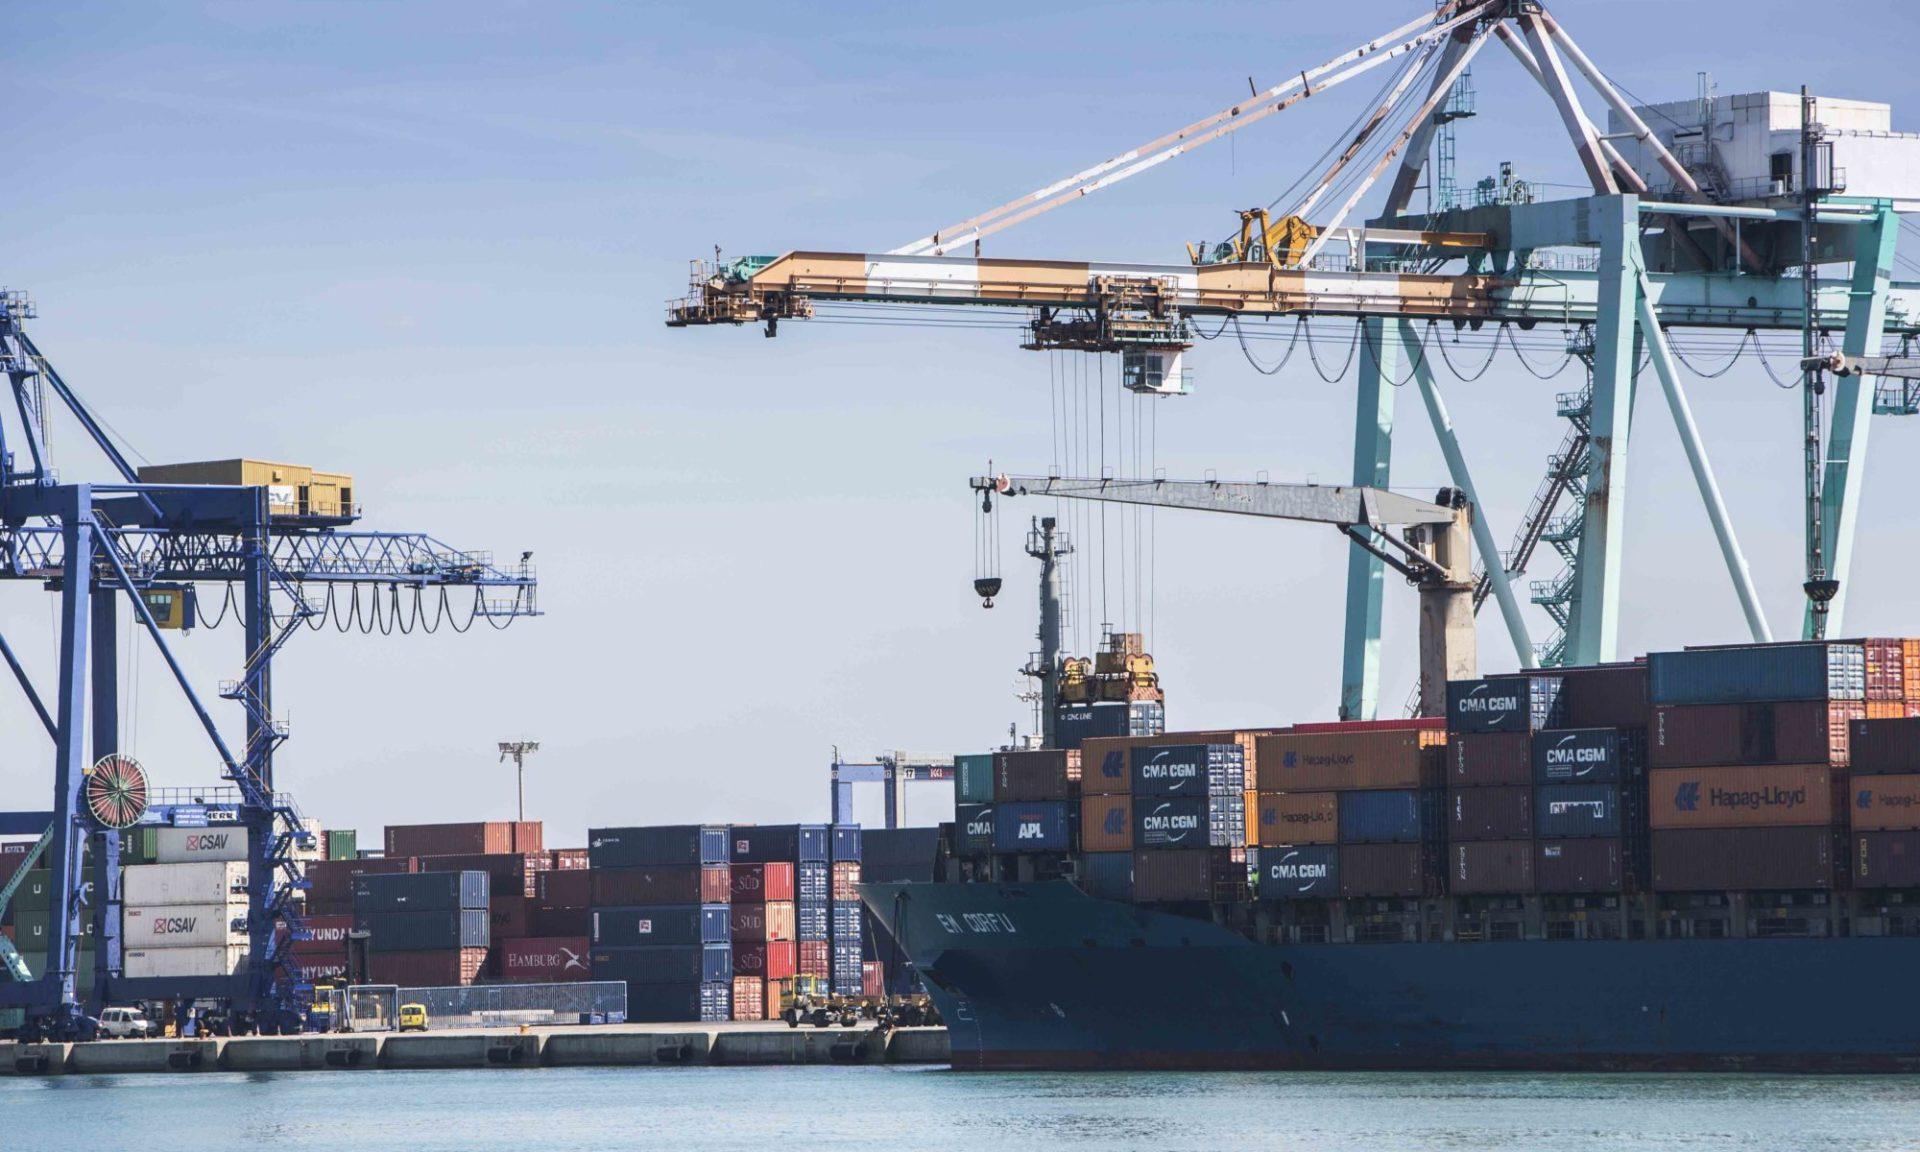 Barcos Puerto mercancías